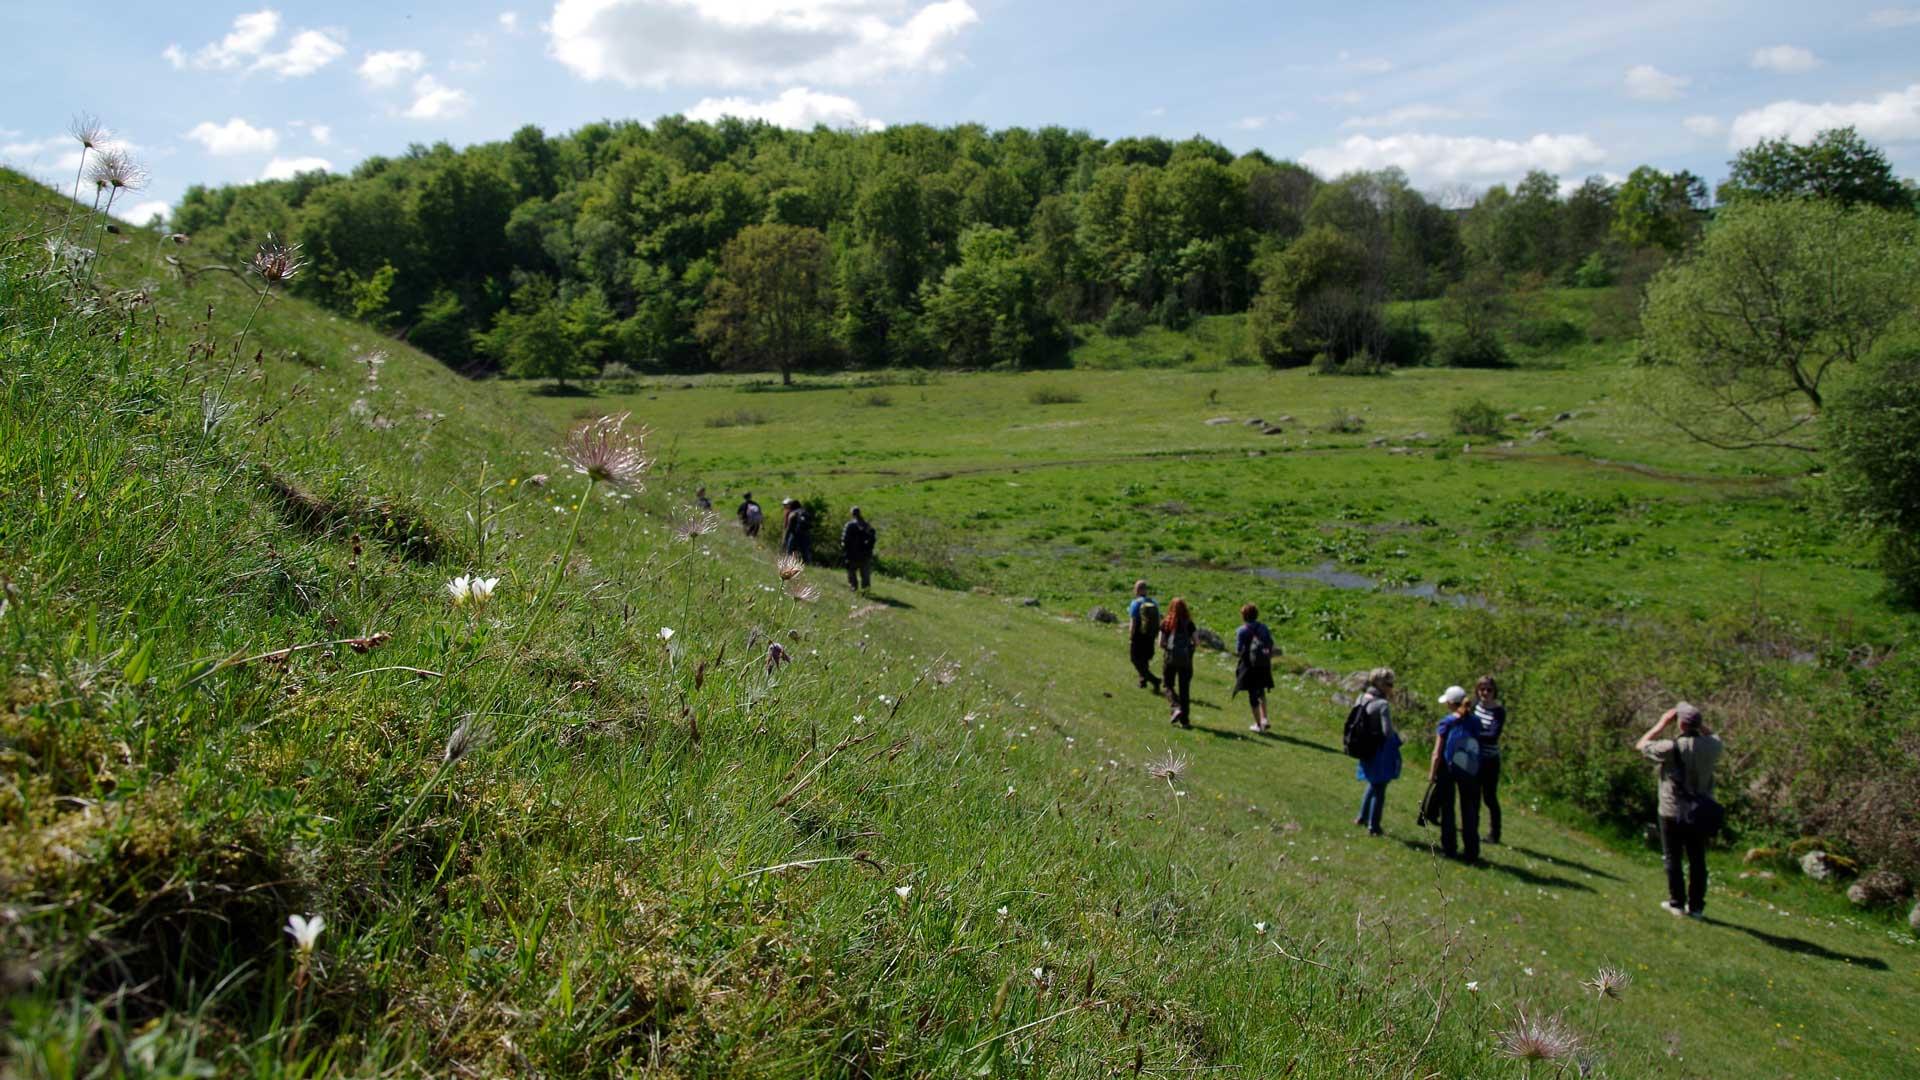 Degeberga backar bjuder på fin vandring. Foto: Victor Englund